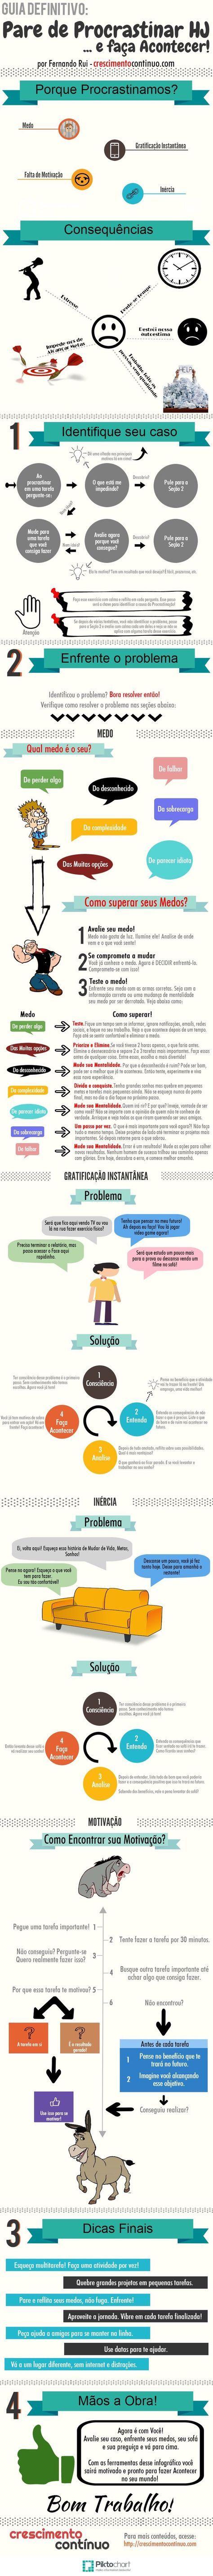 Prostração, ansiedade, procrastinação: eu em 3 palavras. Help!   Ixi, Girl!